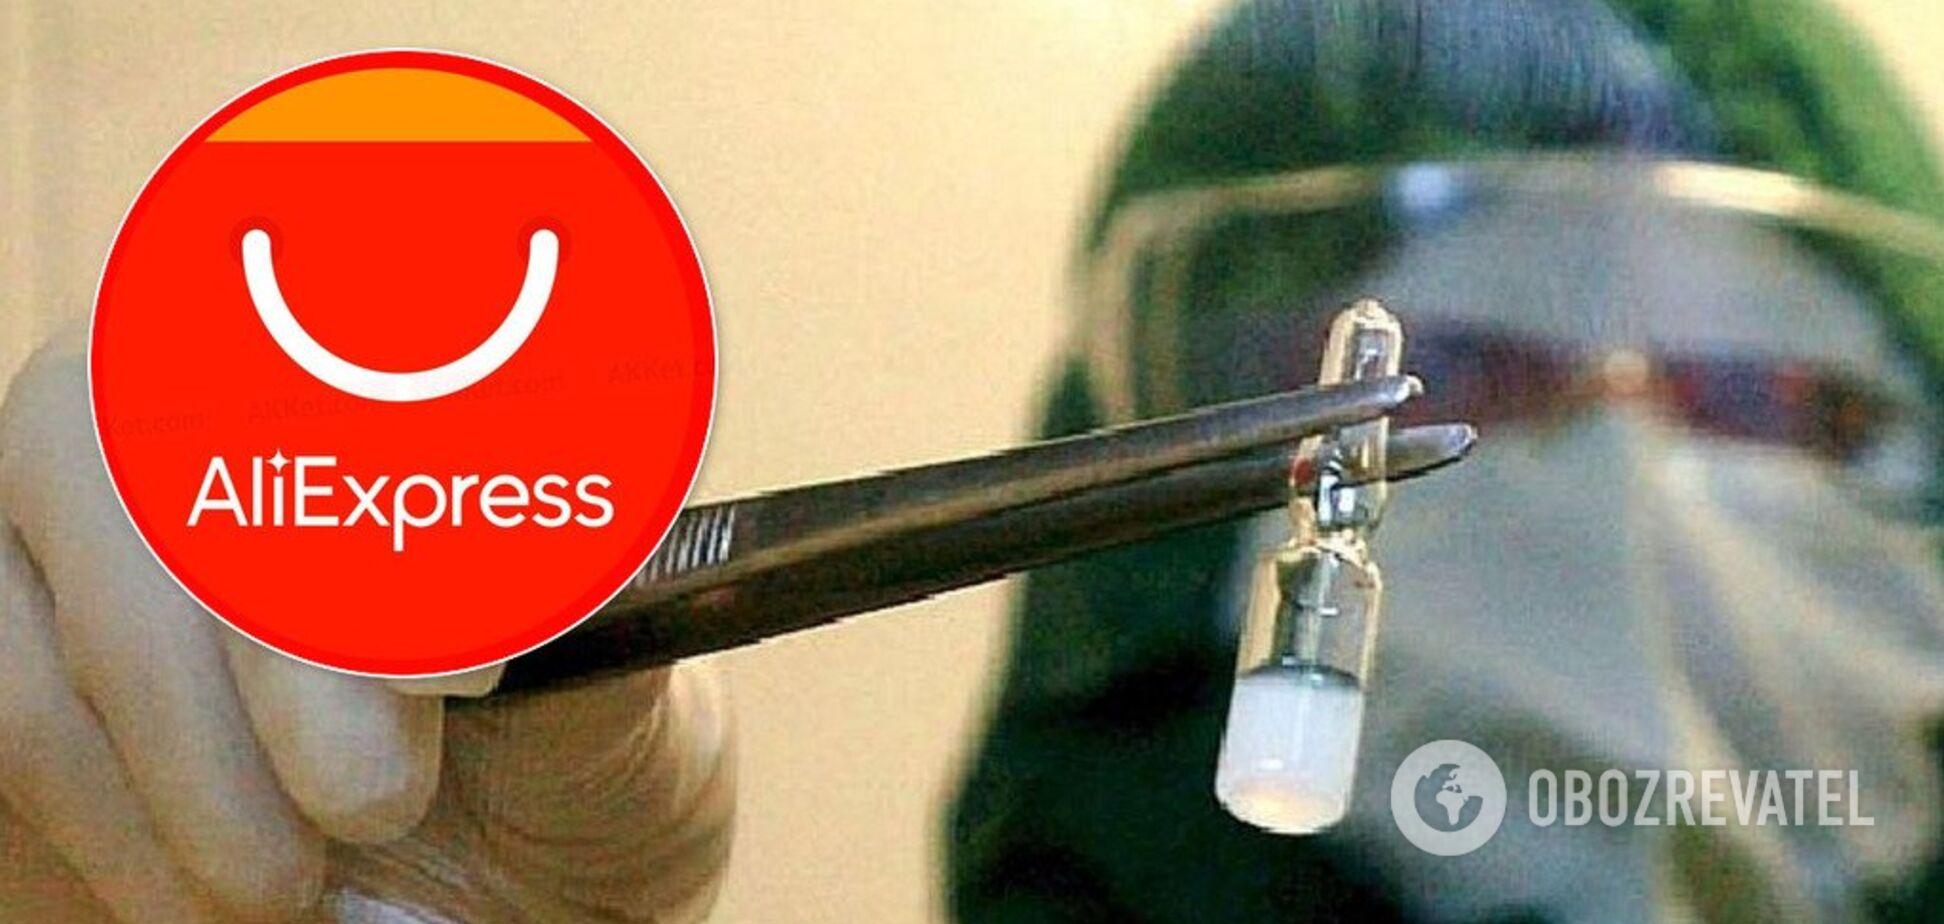 Заказывать с AliExpress опасно? Инфекционист дала пугающий прогноз о коронавирусе